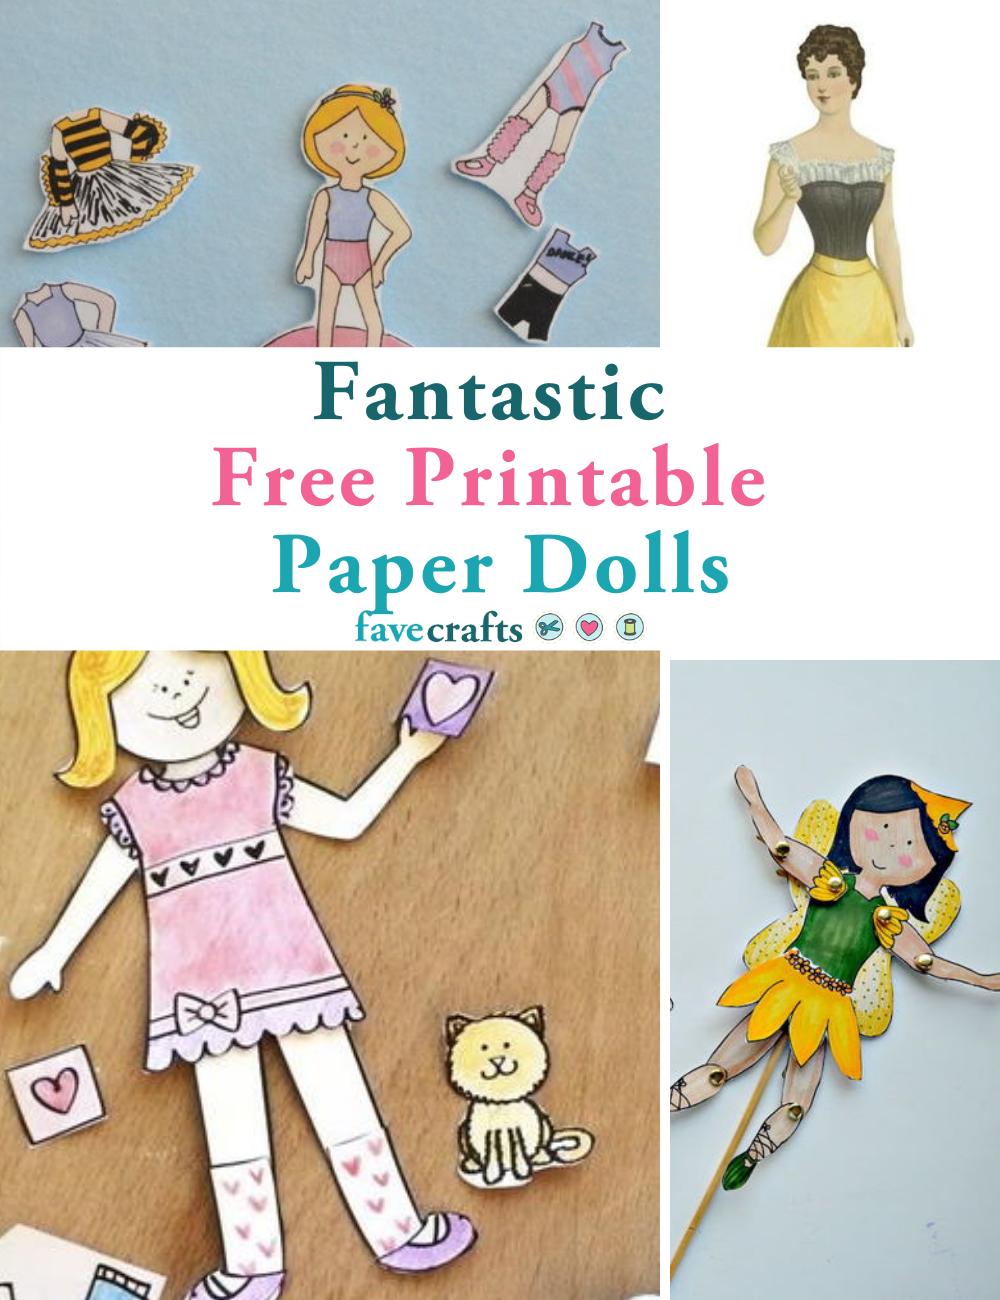 17 Fantastic Free Printable Paper Dolls Favecrafts Com